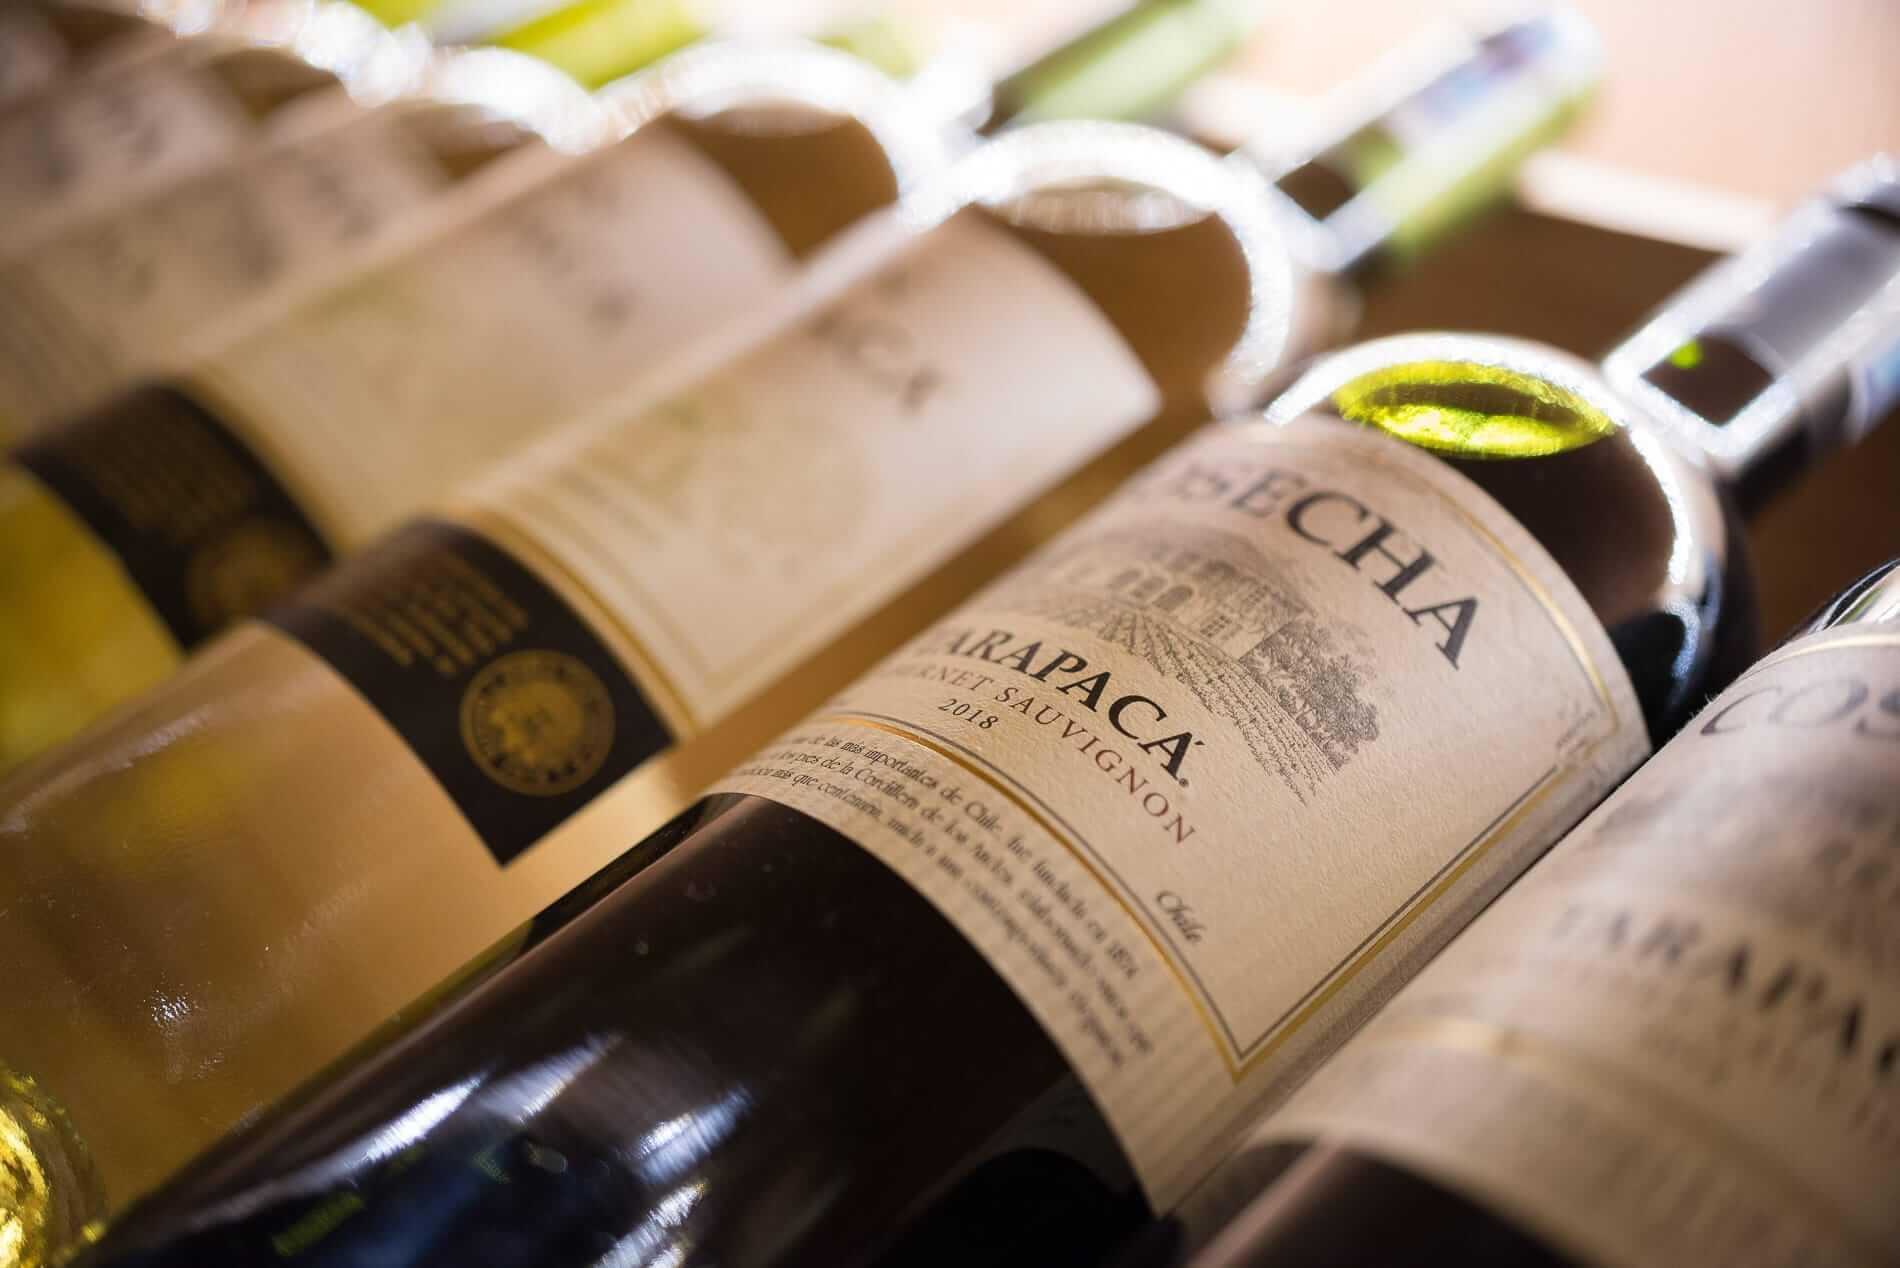 Rows of fine wine at Daloc Wine shop